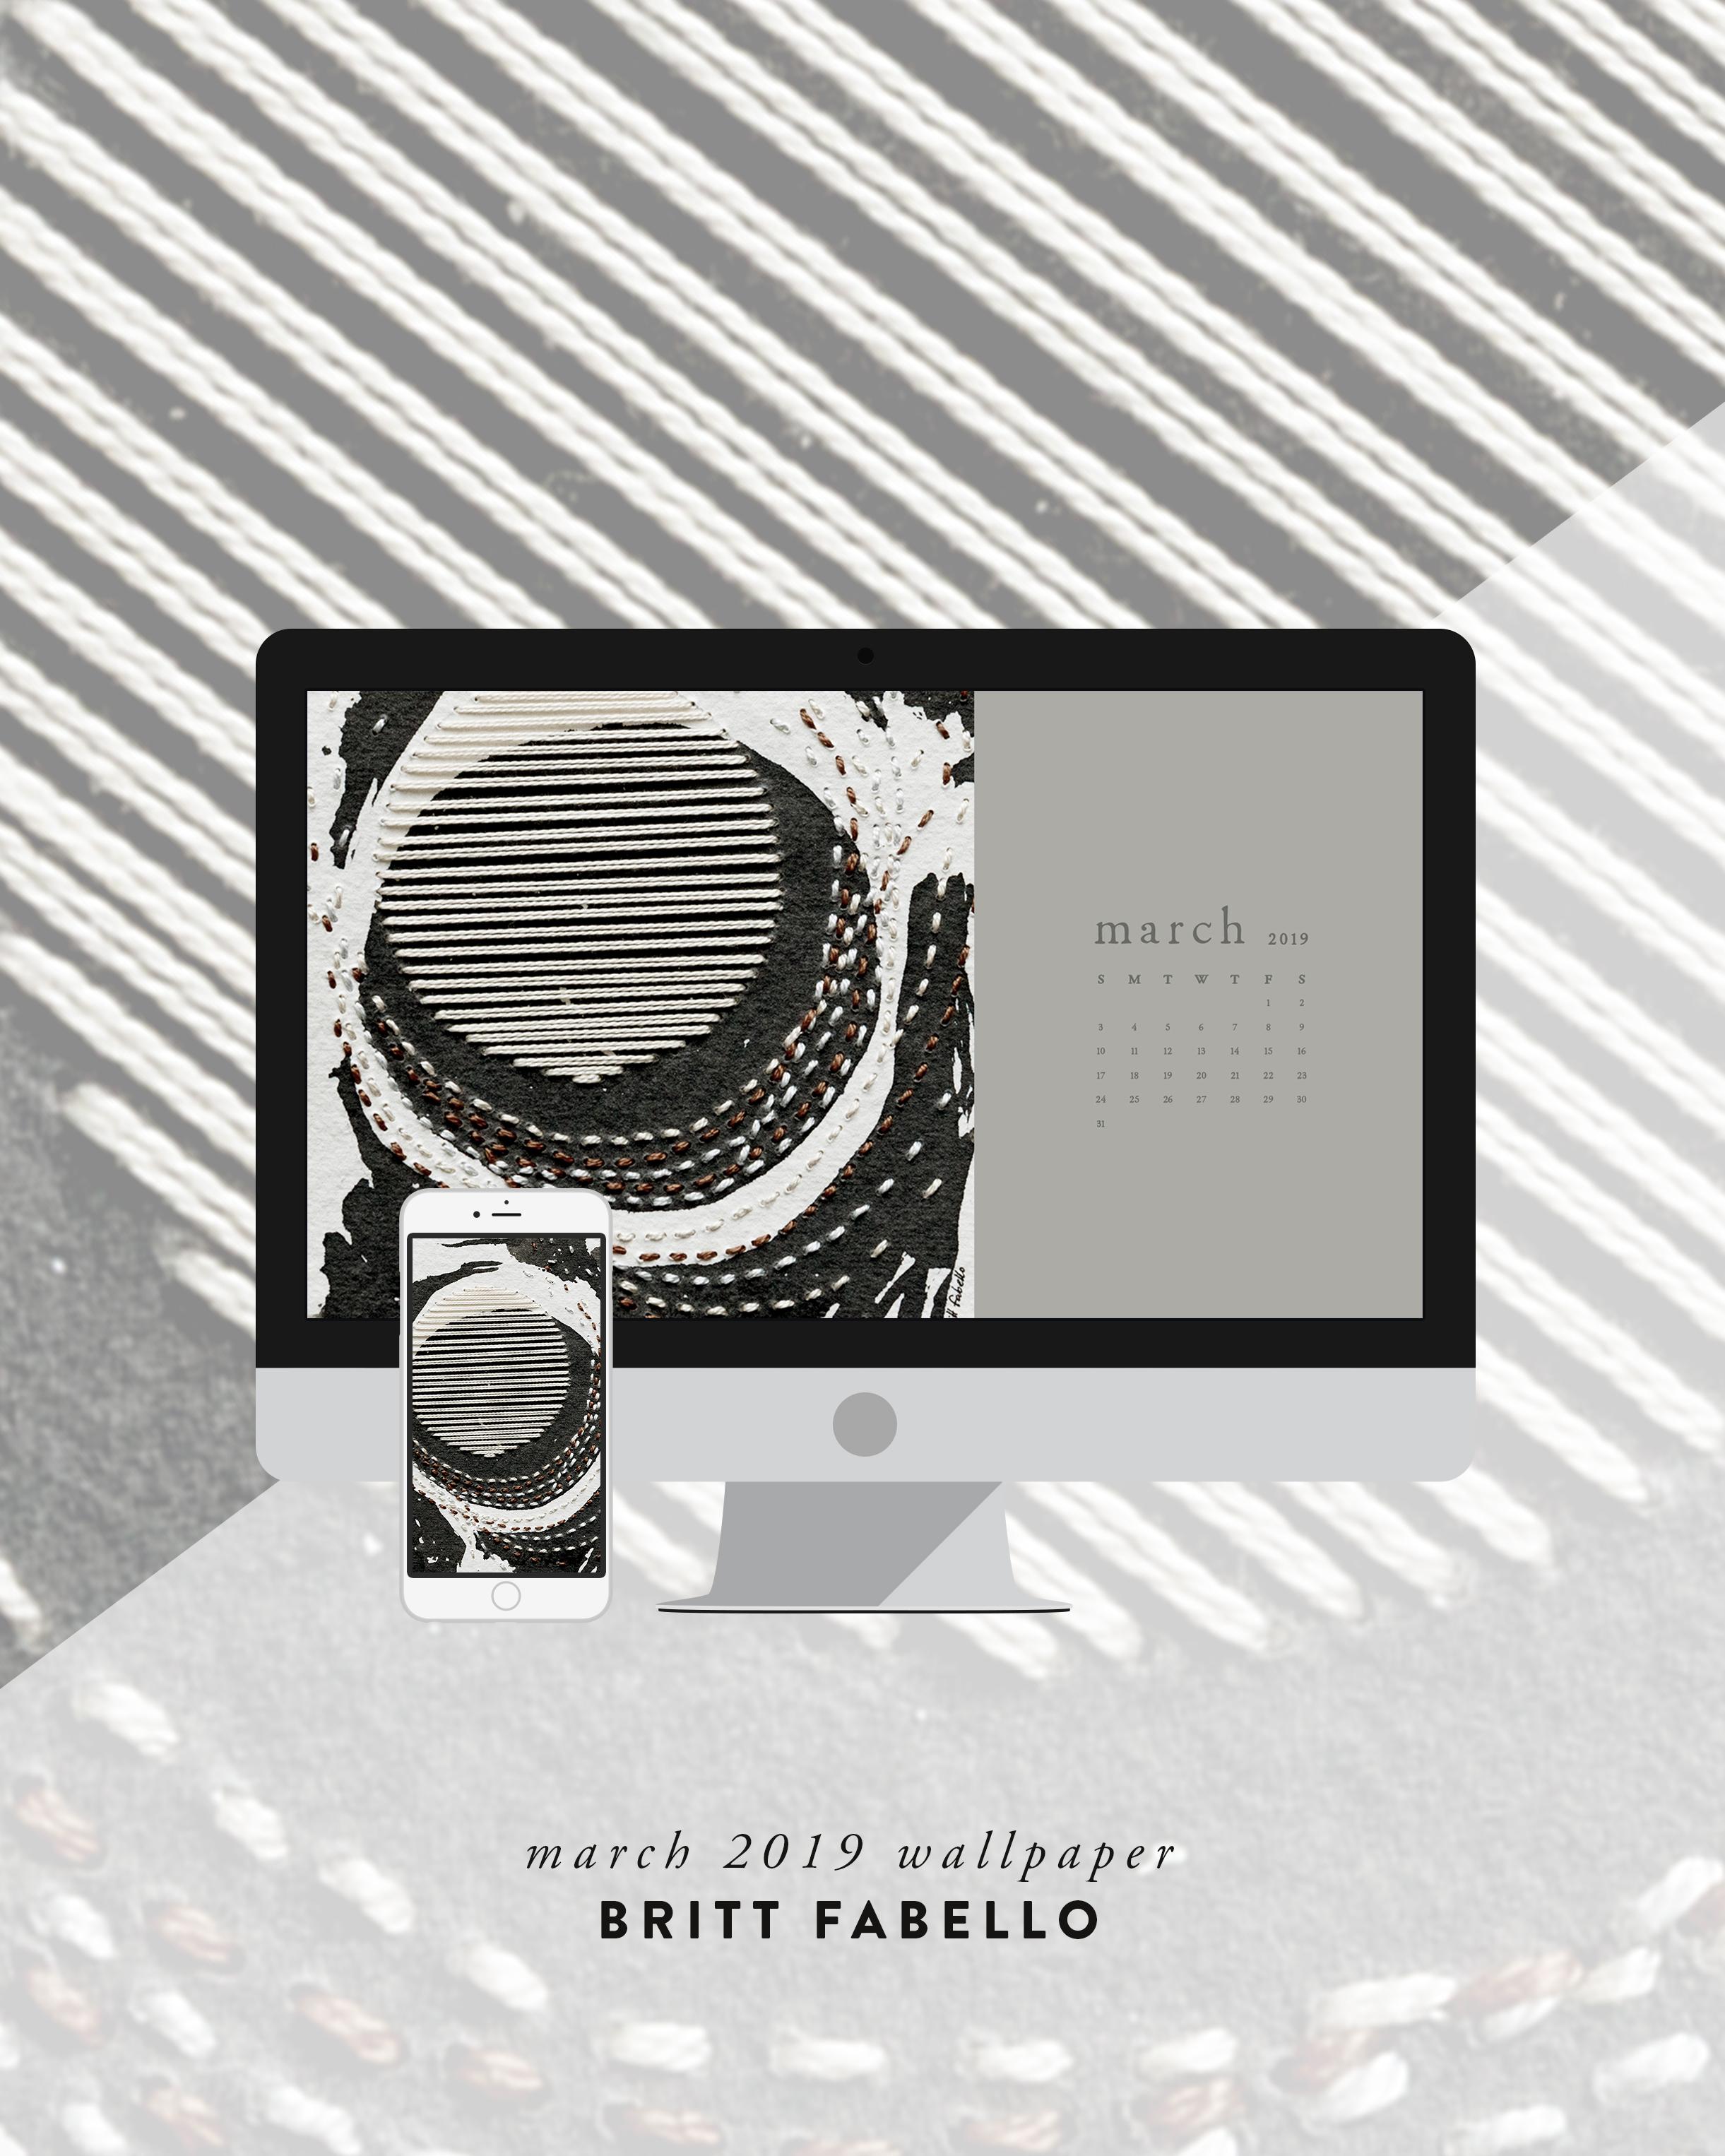 Wallpaper: March 2019 Calendar & Art | Desktop Computer and Phone | Britt Fabello